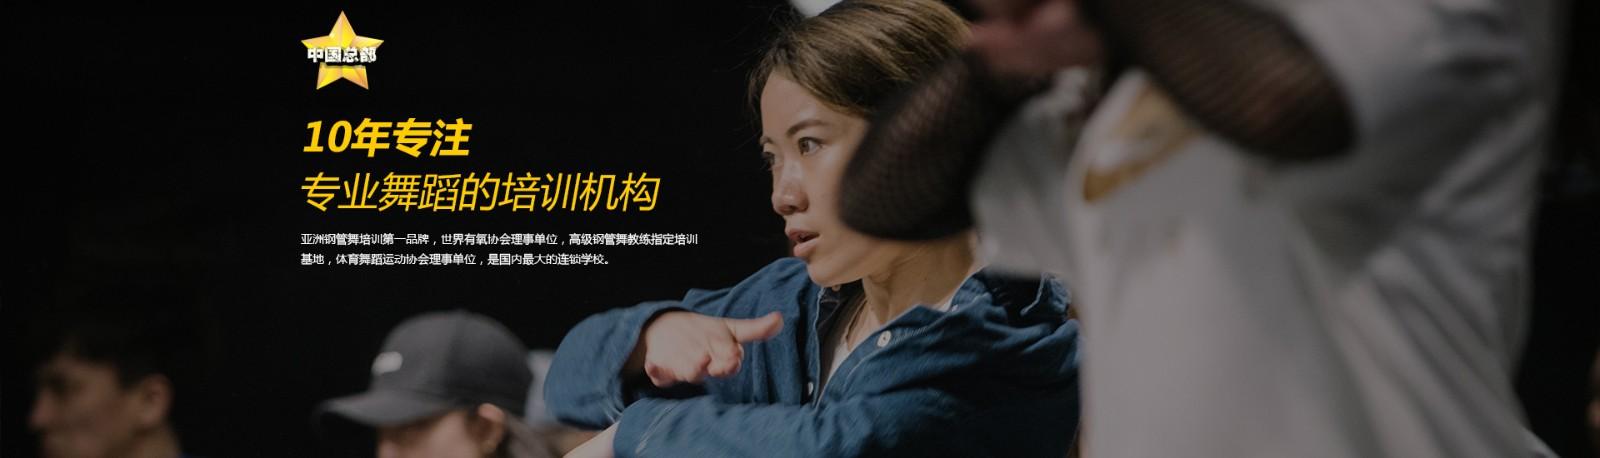 渭南华翎舞蹈合乐彩票app学校 横幅广告